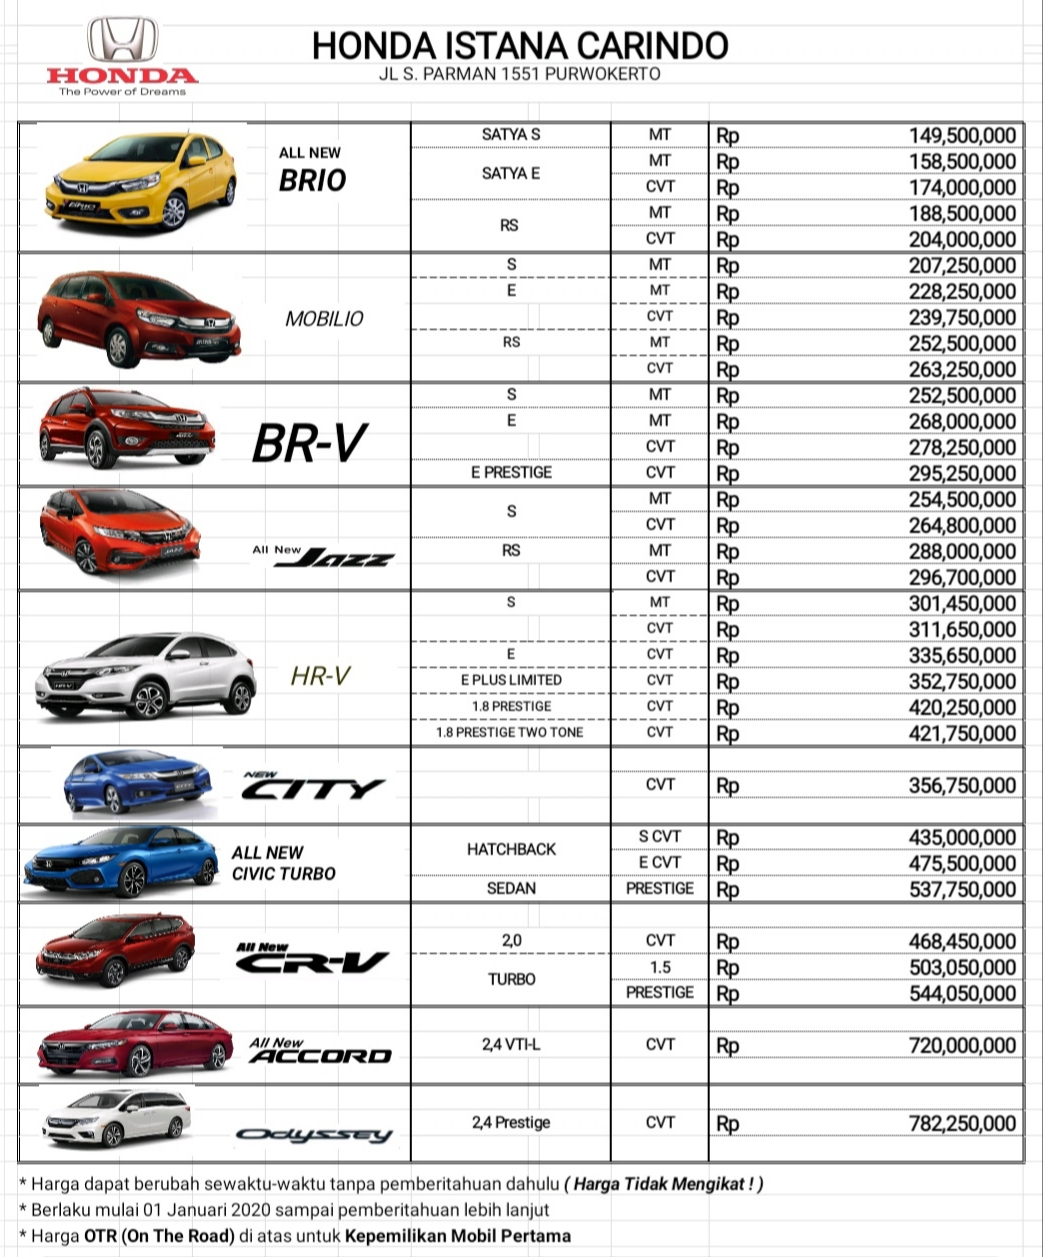 Harga Resmi Mobil Honda Wilayah Jateng Dan Diy 2020 Honda Istana Carindo Situs Resmi Honda Istana Carindo Purwokerto Area Banyumas Purbalingga Banjarnegara Cilacap Kebumen Wonosobo